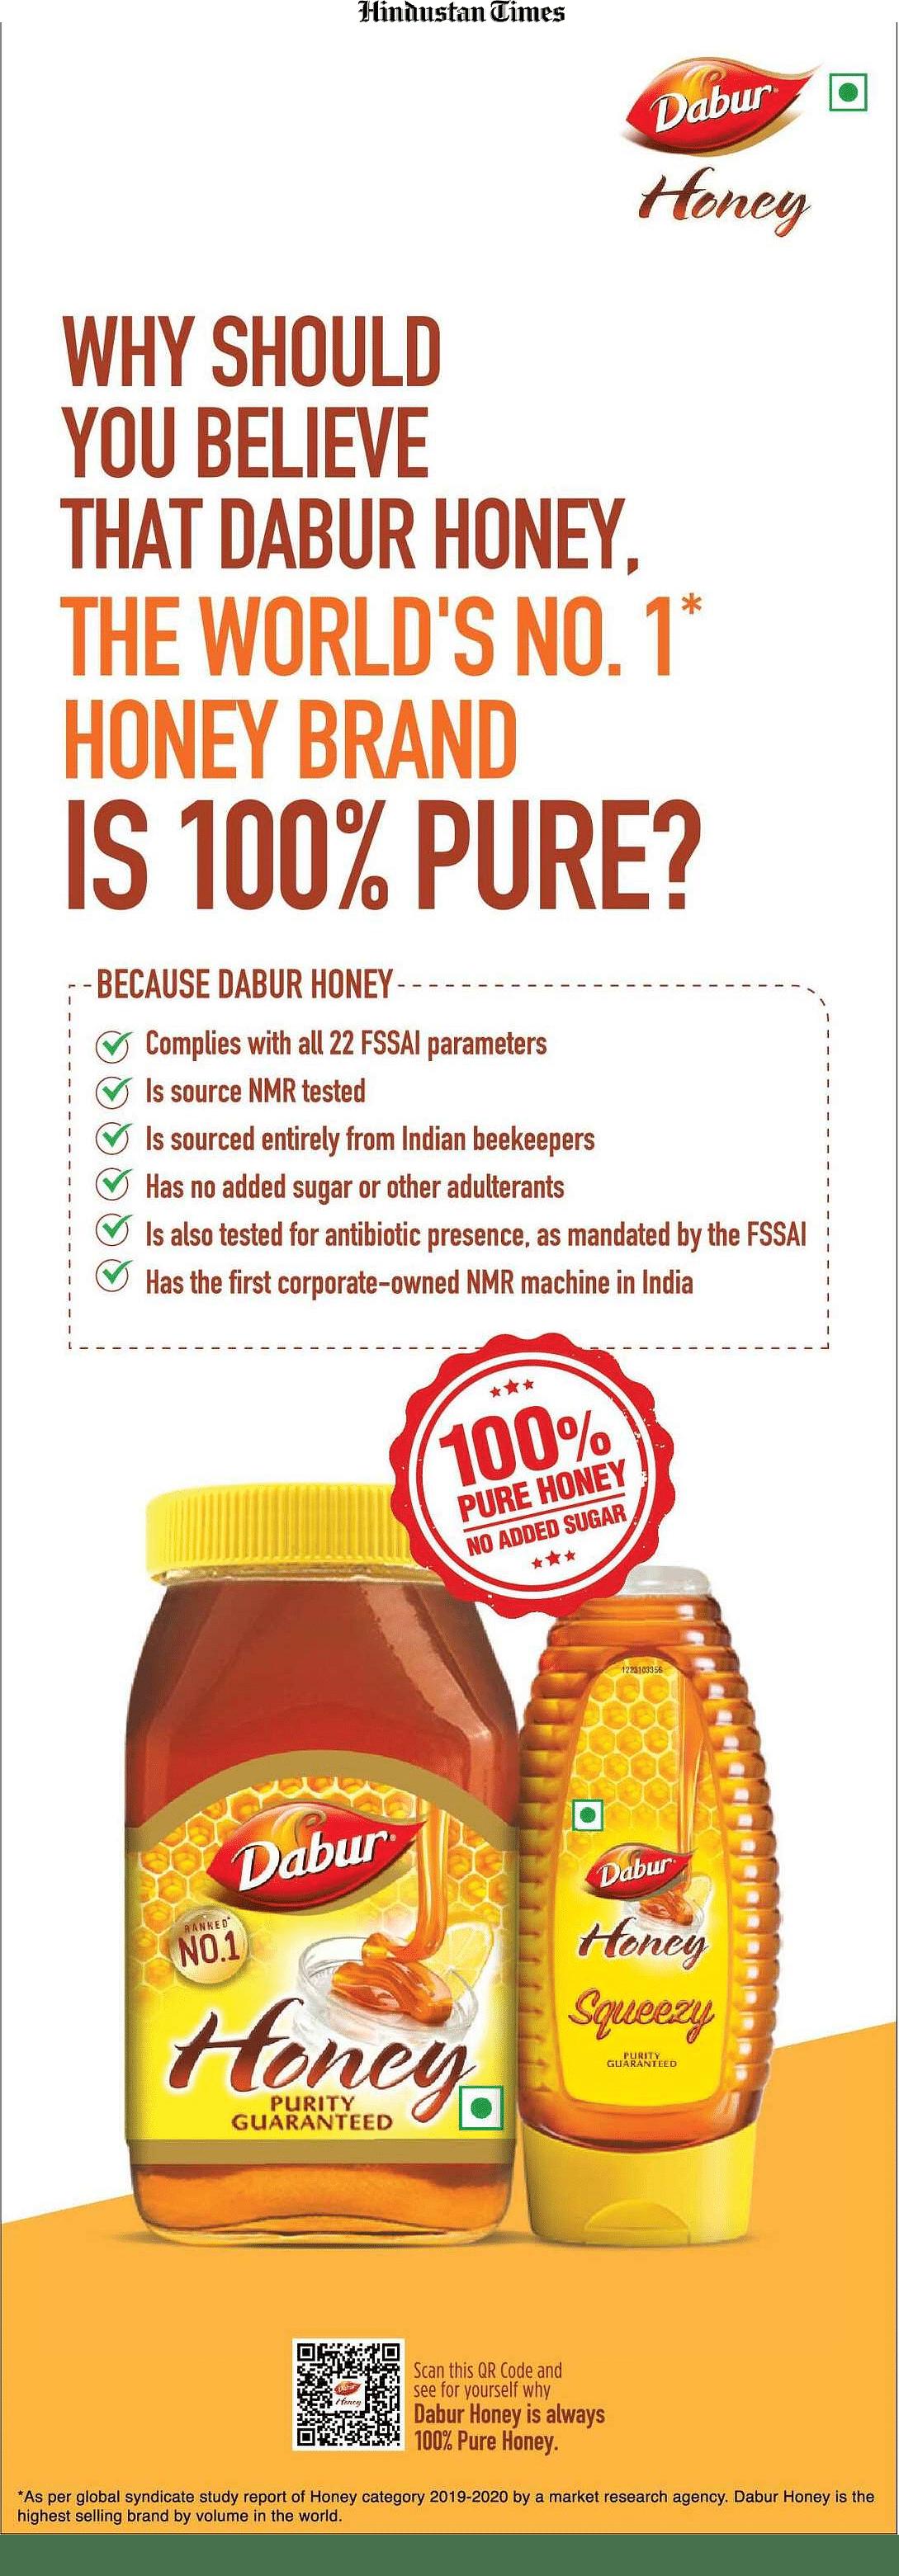 The Dabur Honey ad on HT's flap.